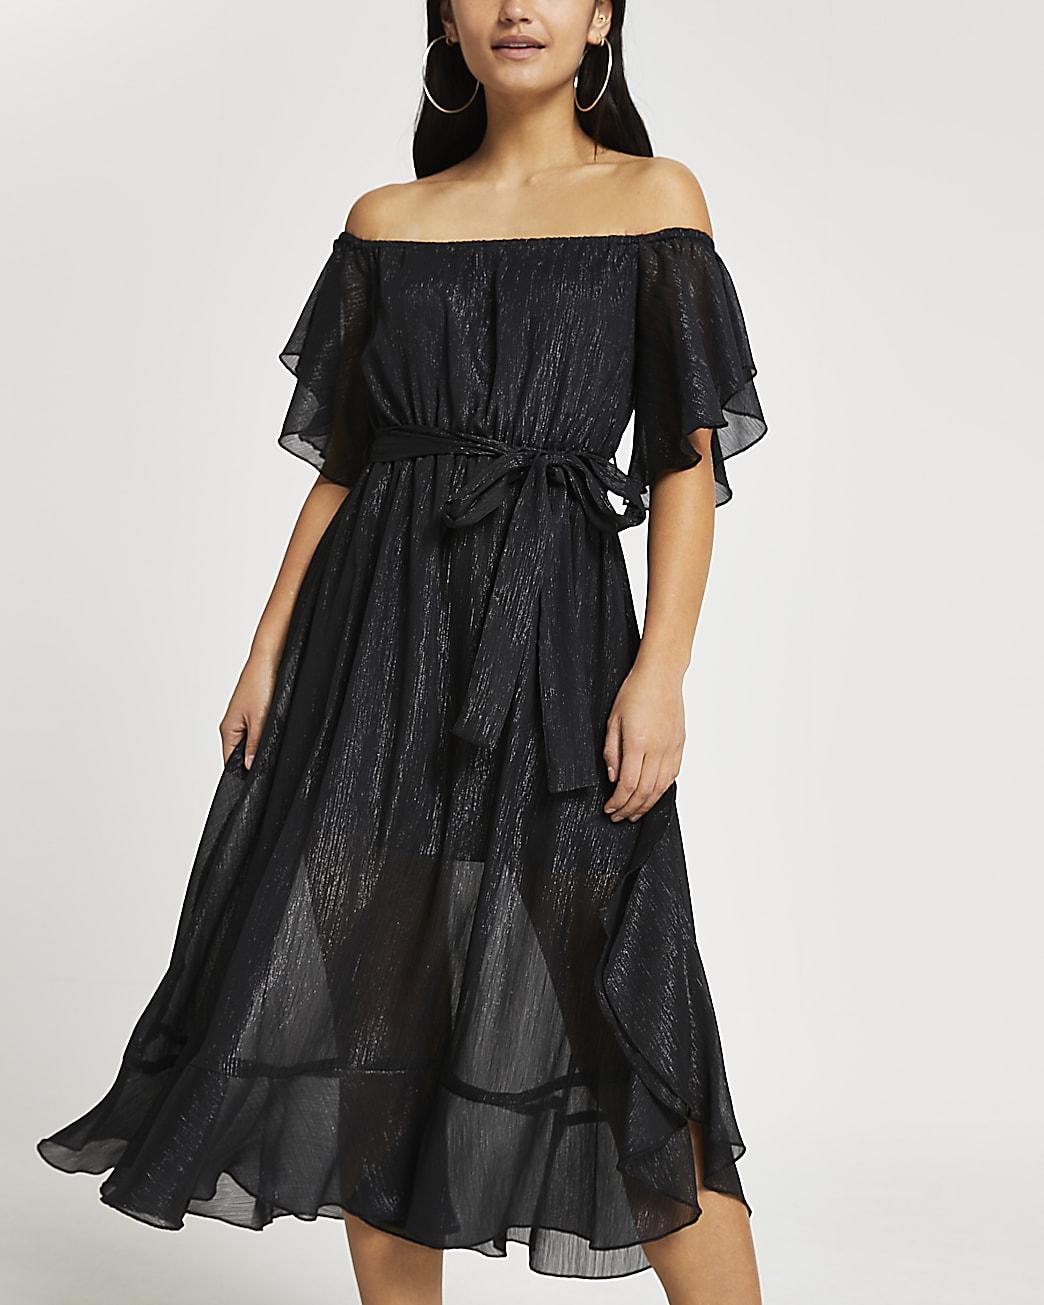 Petite black bardot maxi dress